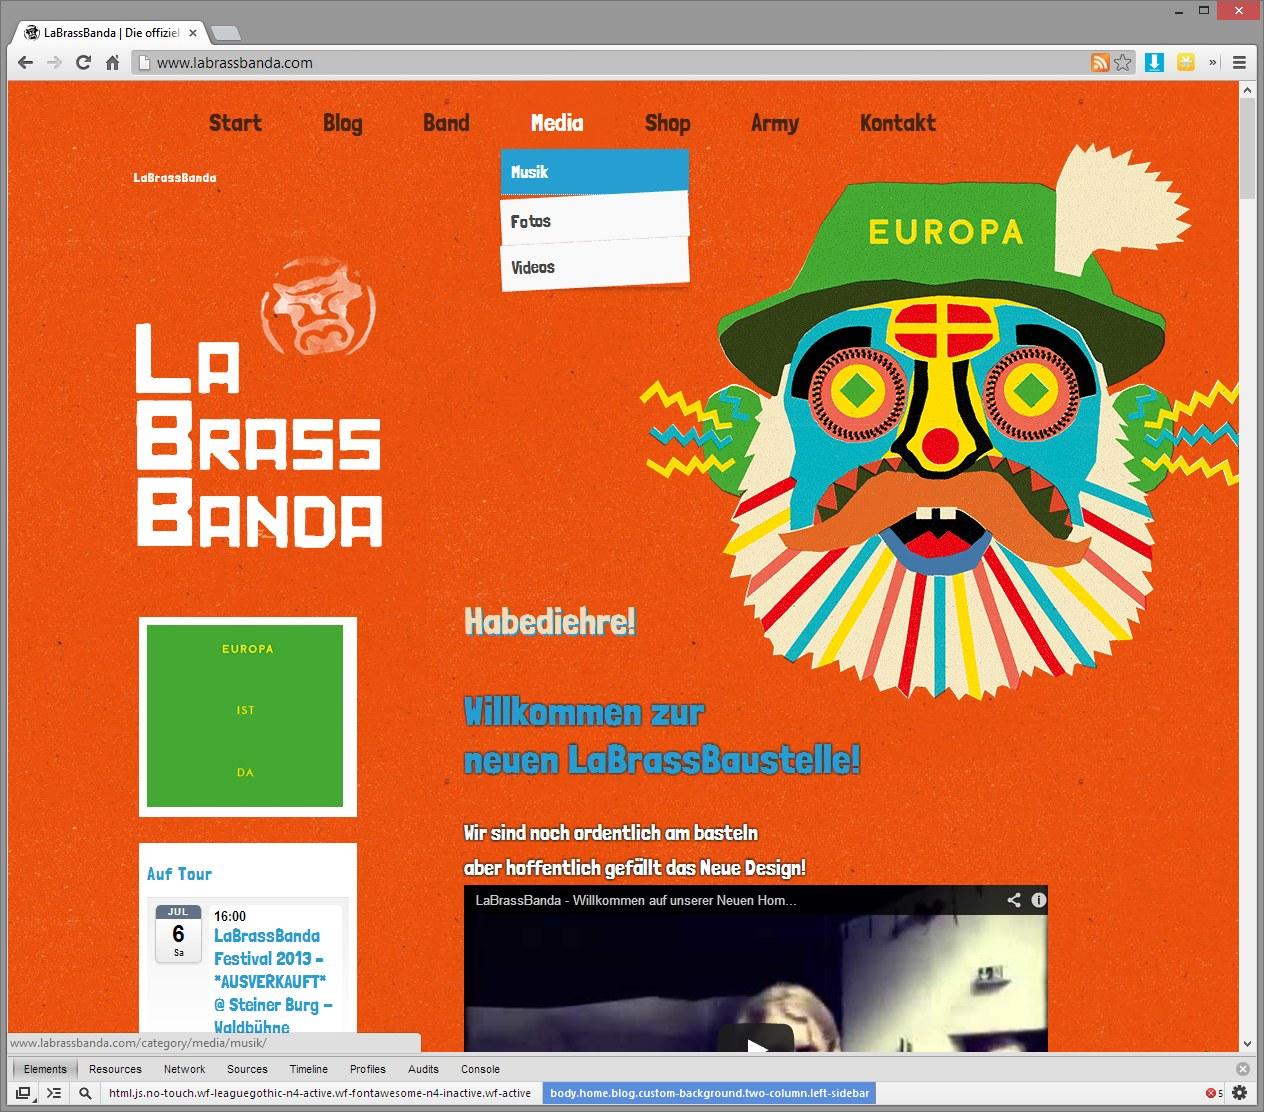 LaBrassBanda-Neue-Website-La-Brass-Baustelle-von-schönereWelt-2013-Juli-2.png